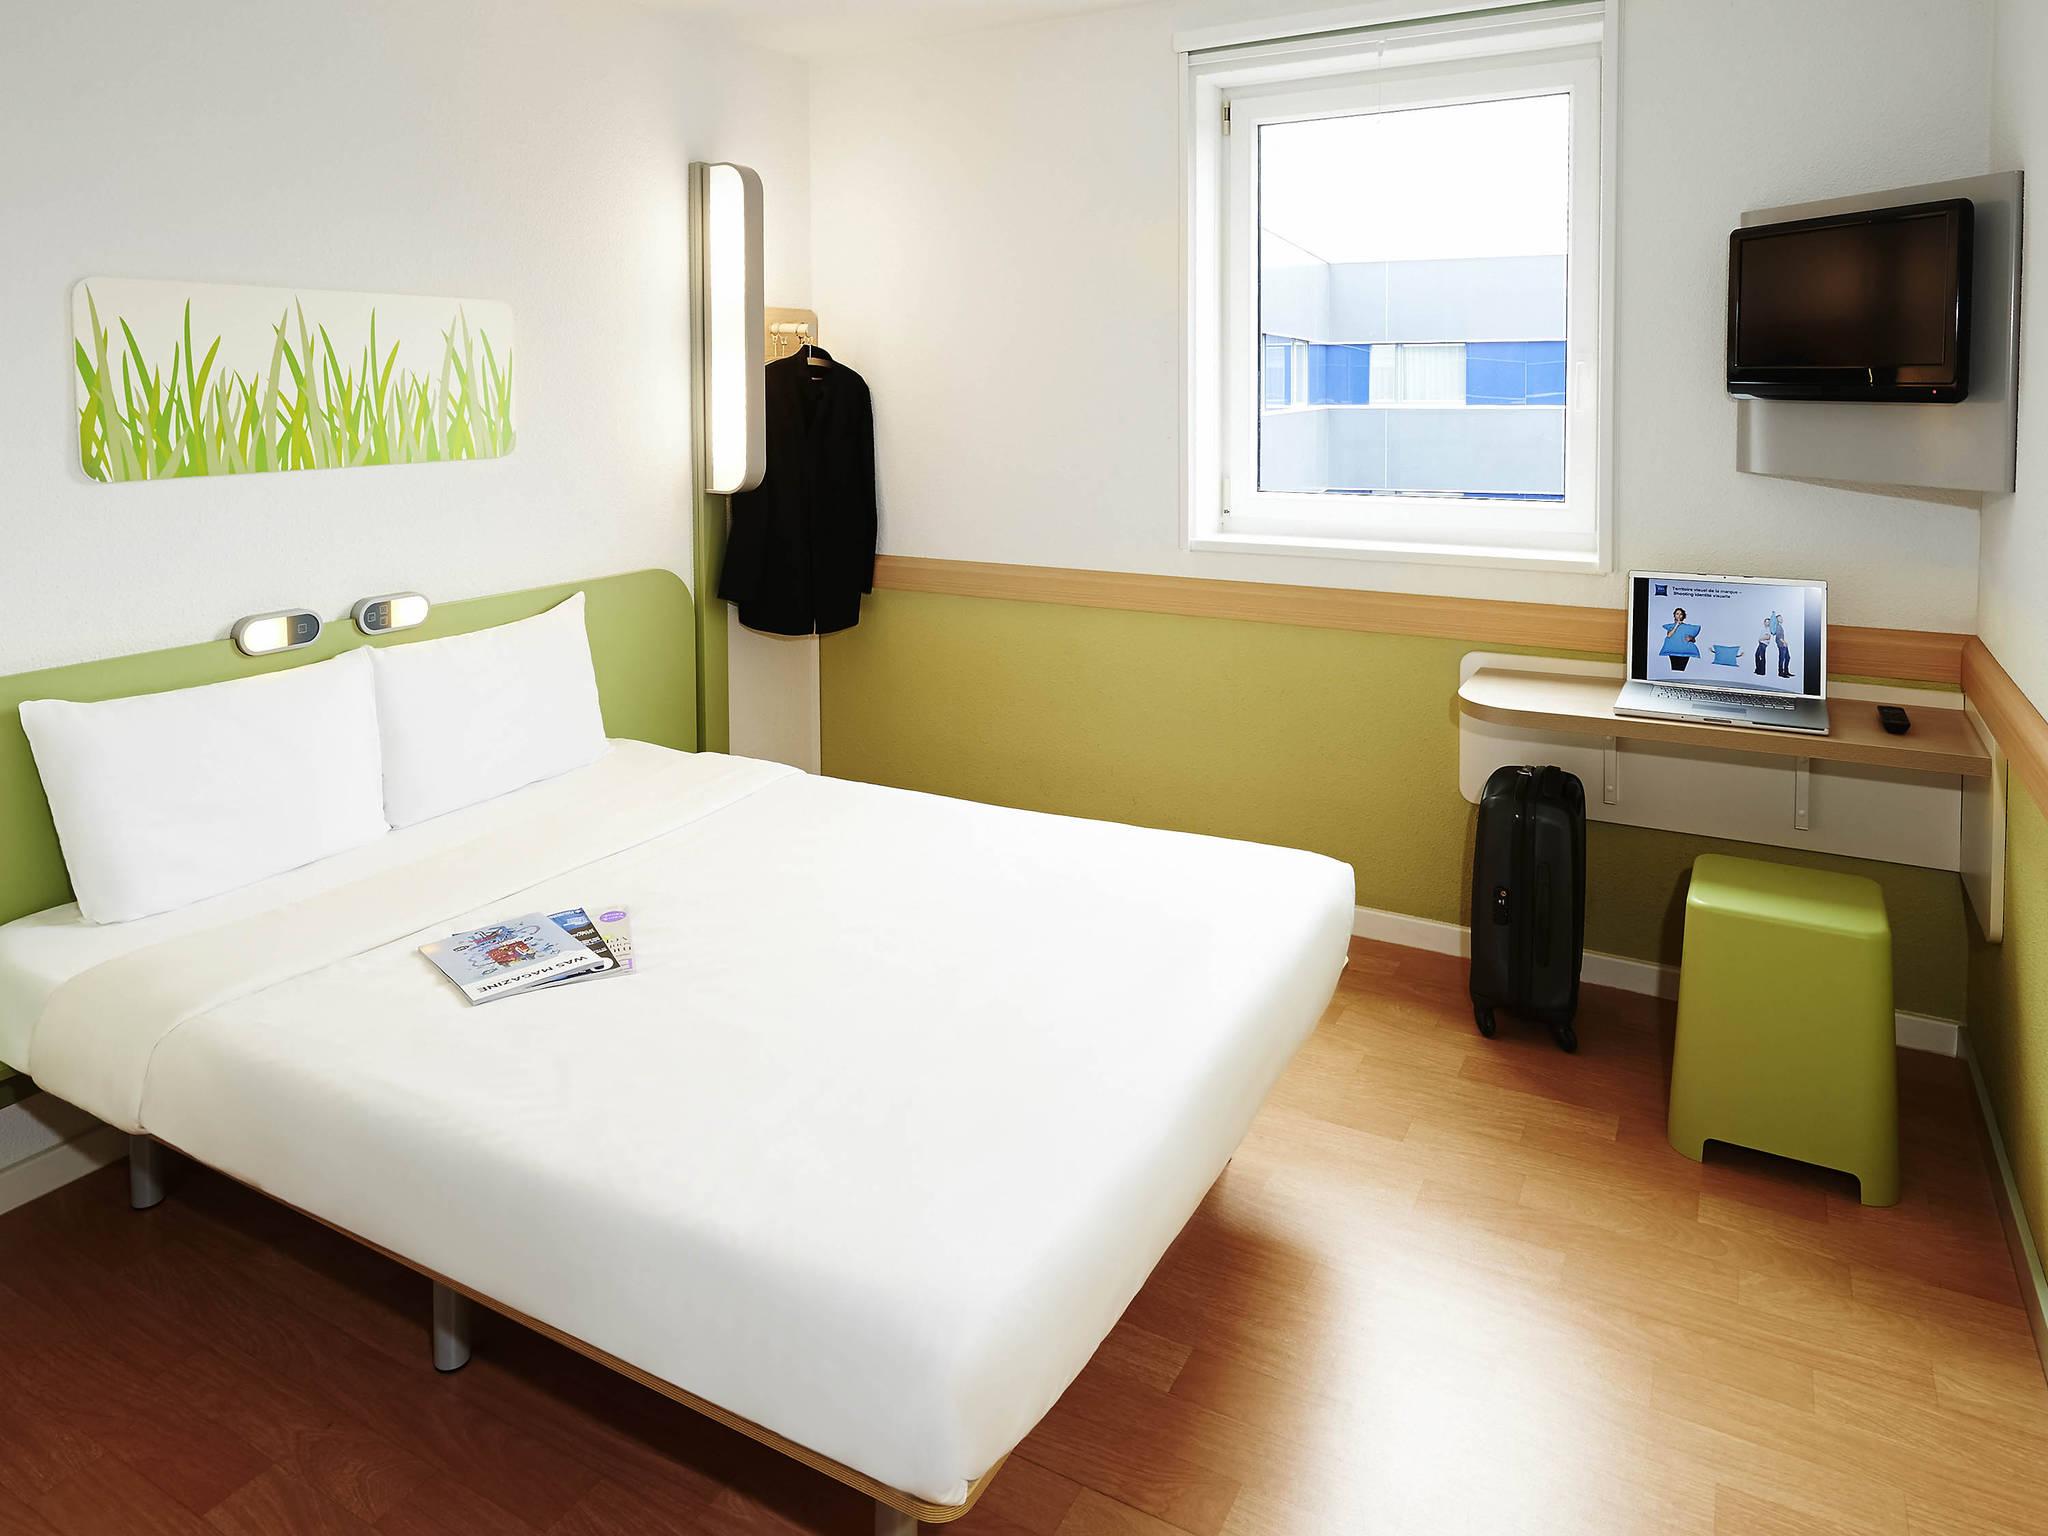 Hotel in CALUIRE-ET-CUIRE - ibis budget Lyon Caluire Cité Internationale